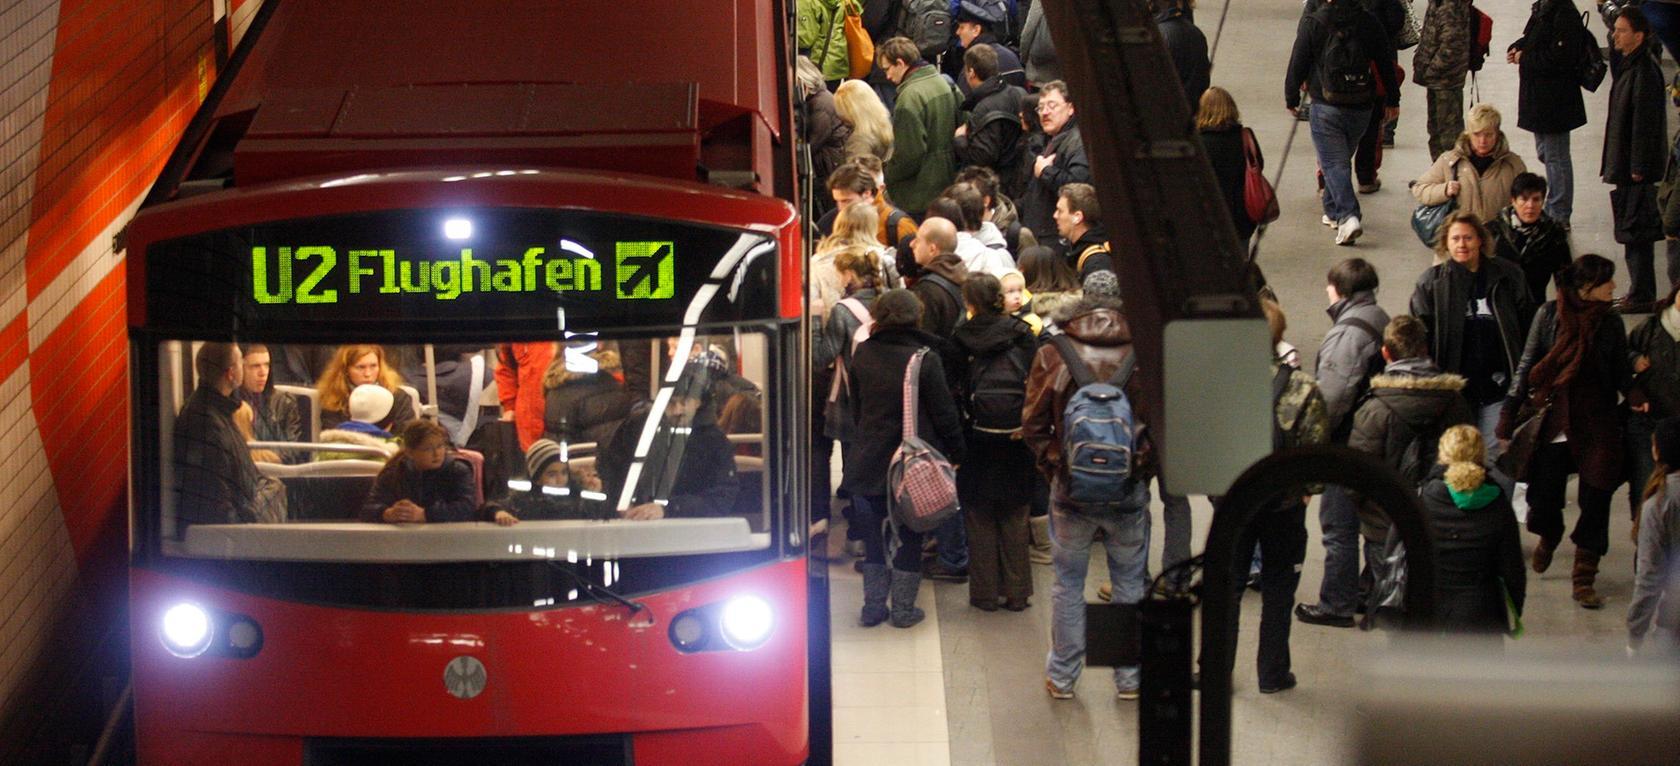 Mit Mobilfunkdaten will die VAG künftig Fahrgastzählungen überflüssig machen.